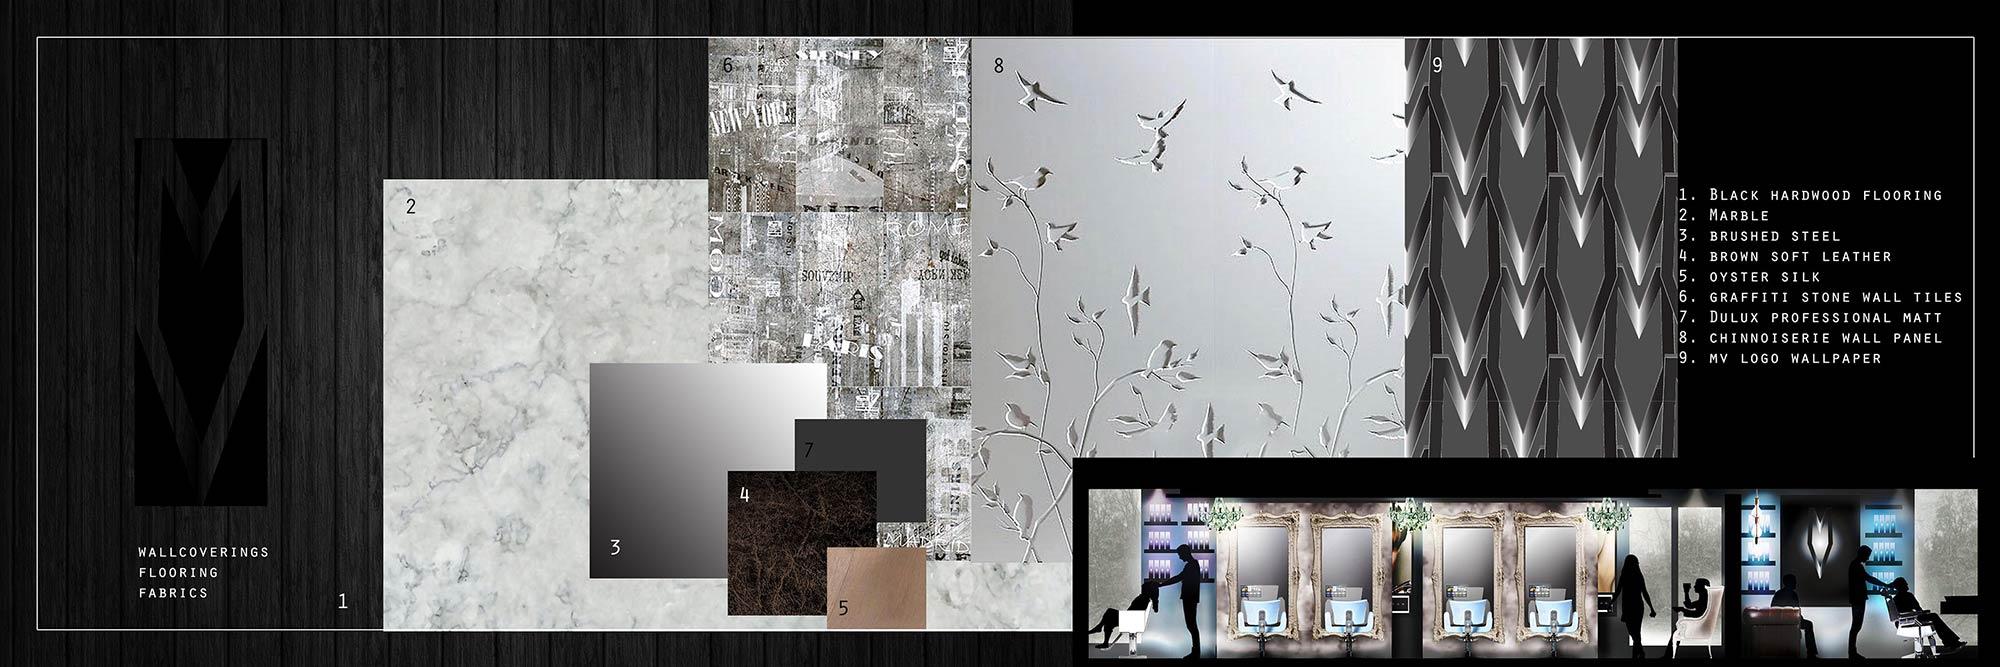 National Design Academy BA Interior Design Presentation 09